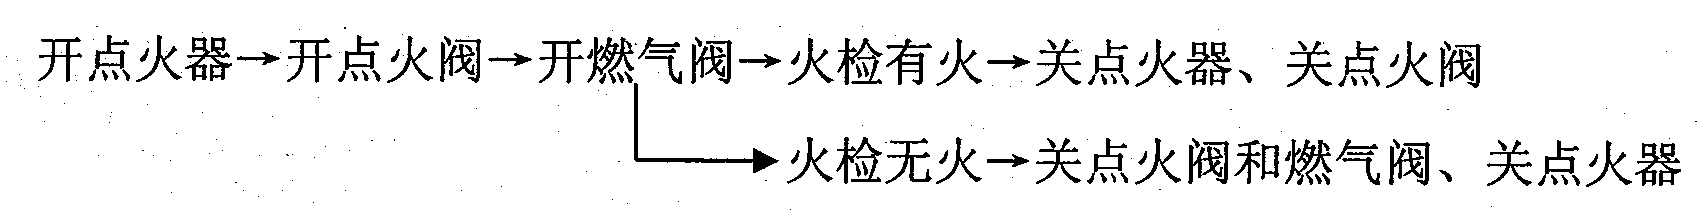 Figure CN101576314BD00061